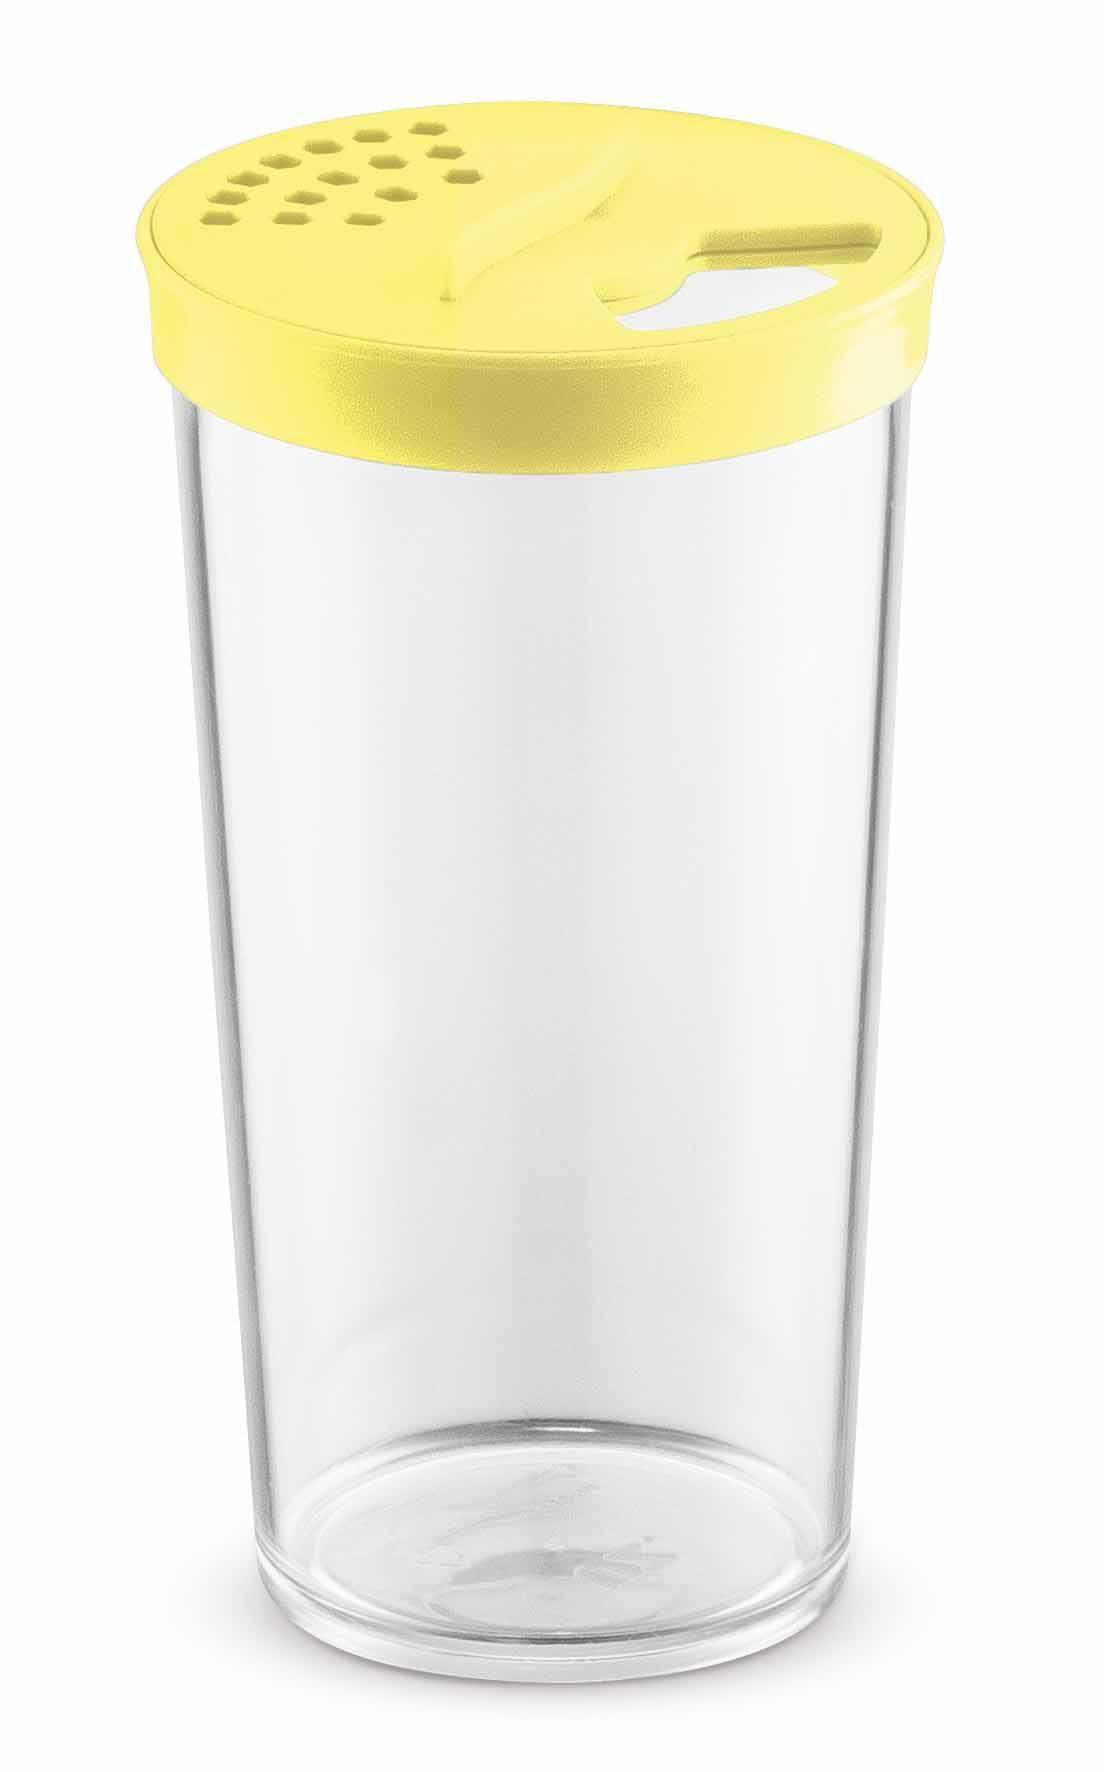 Farinheiro Grande 500ml Plástico Acrílico Uz Amarelo